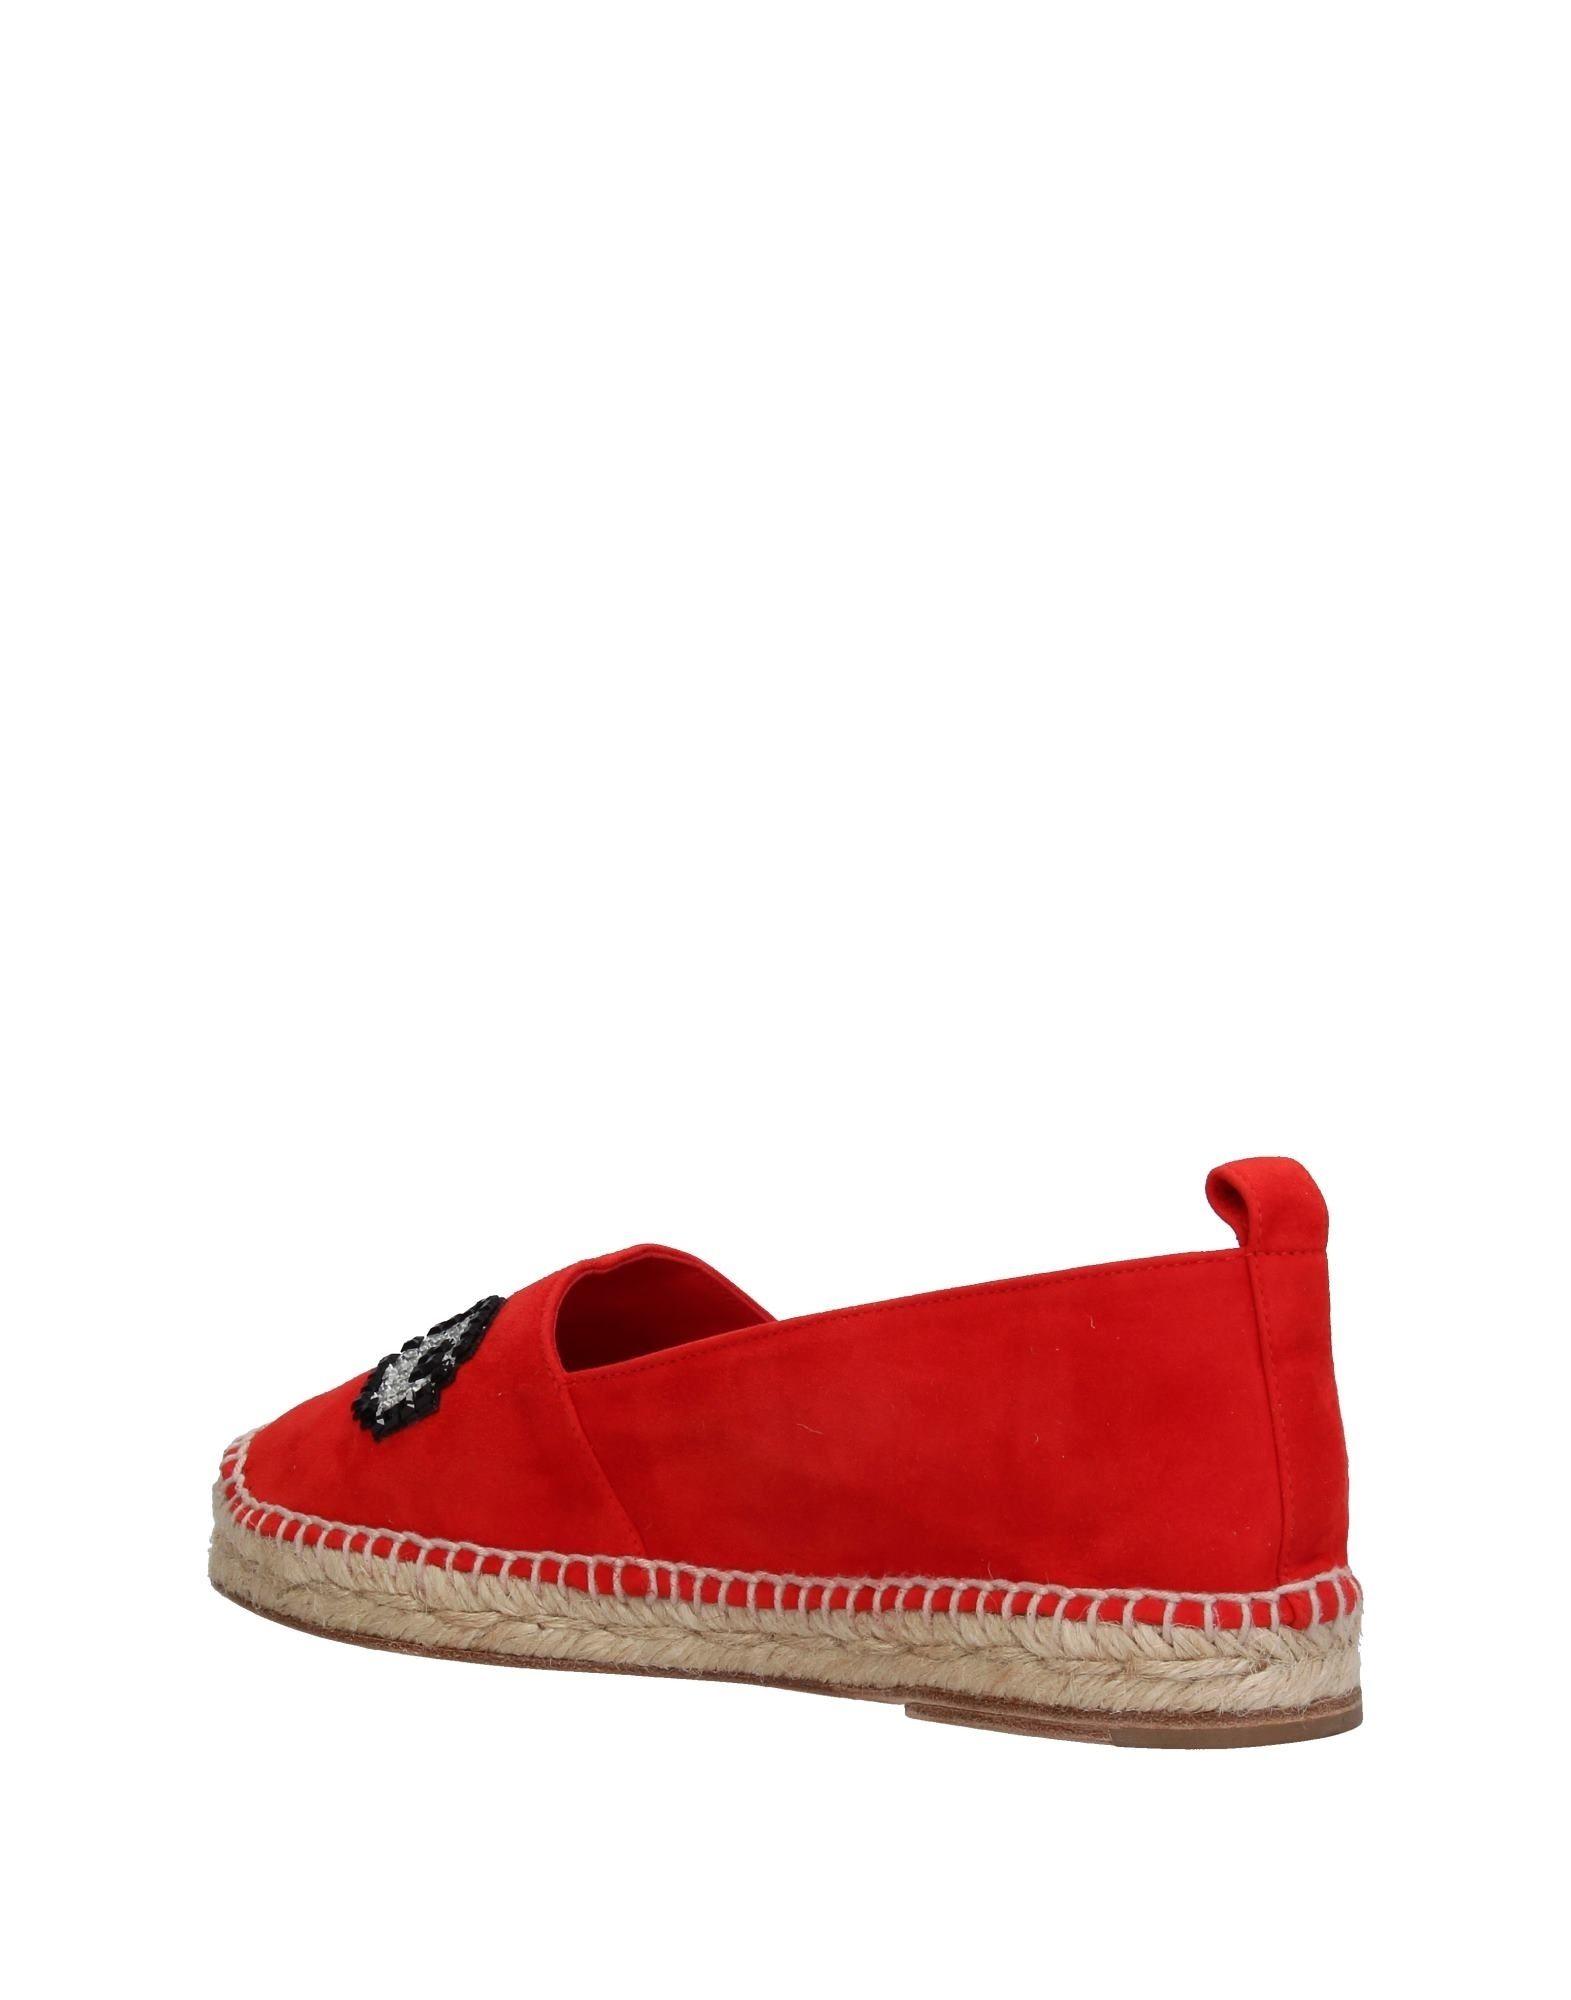 Stilvolle billige Damen Schuhe Anya Hindmarch Espadrilles Damen billige  11380682VQ 13fc03